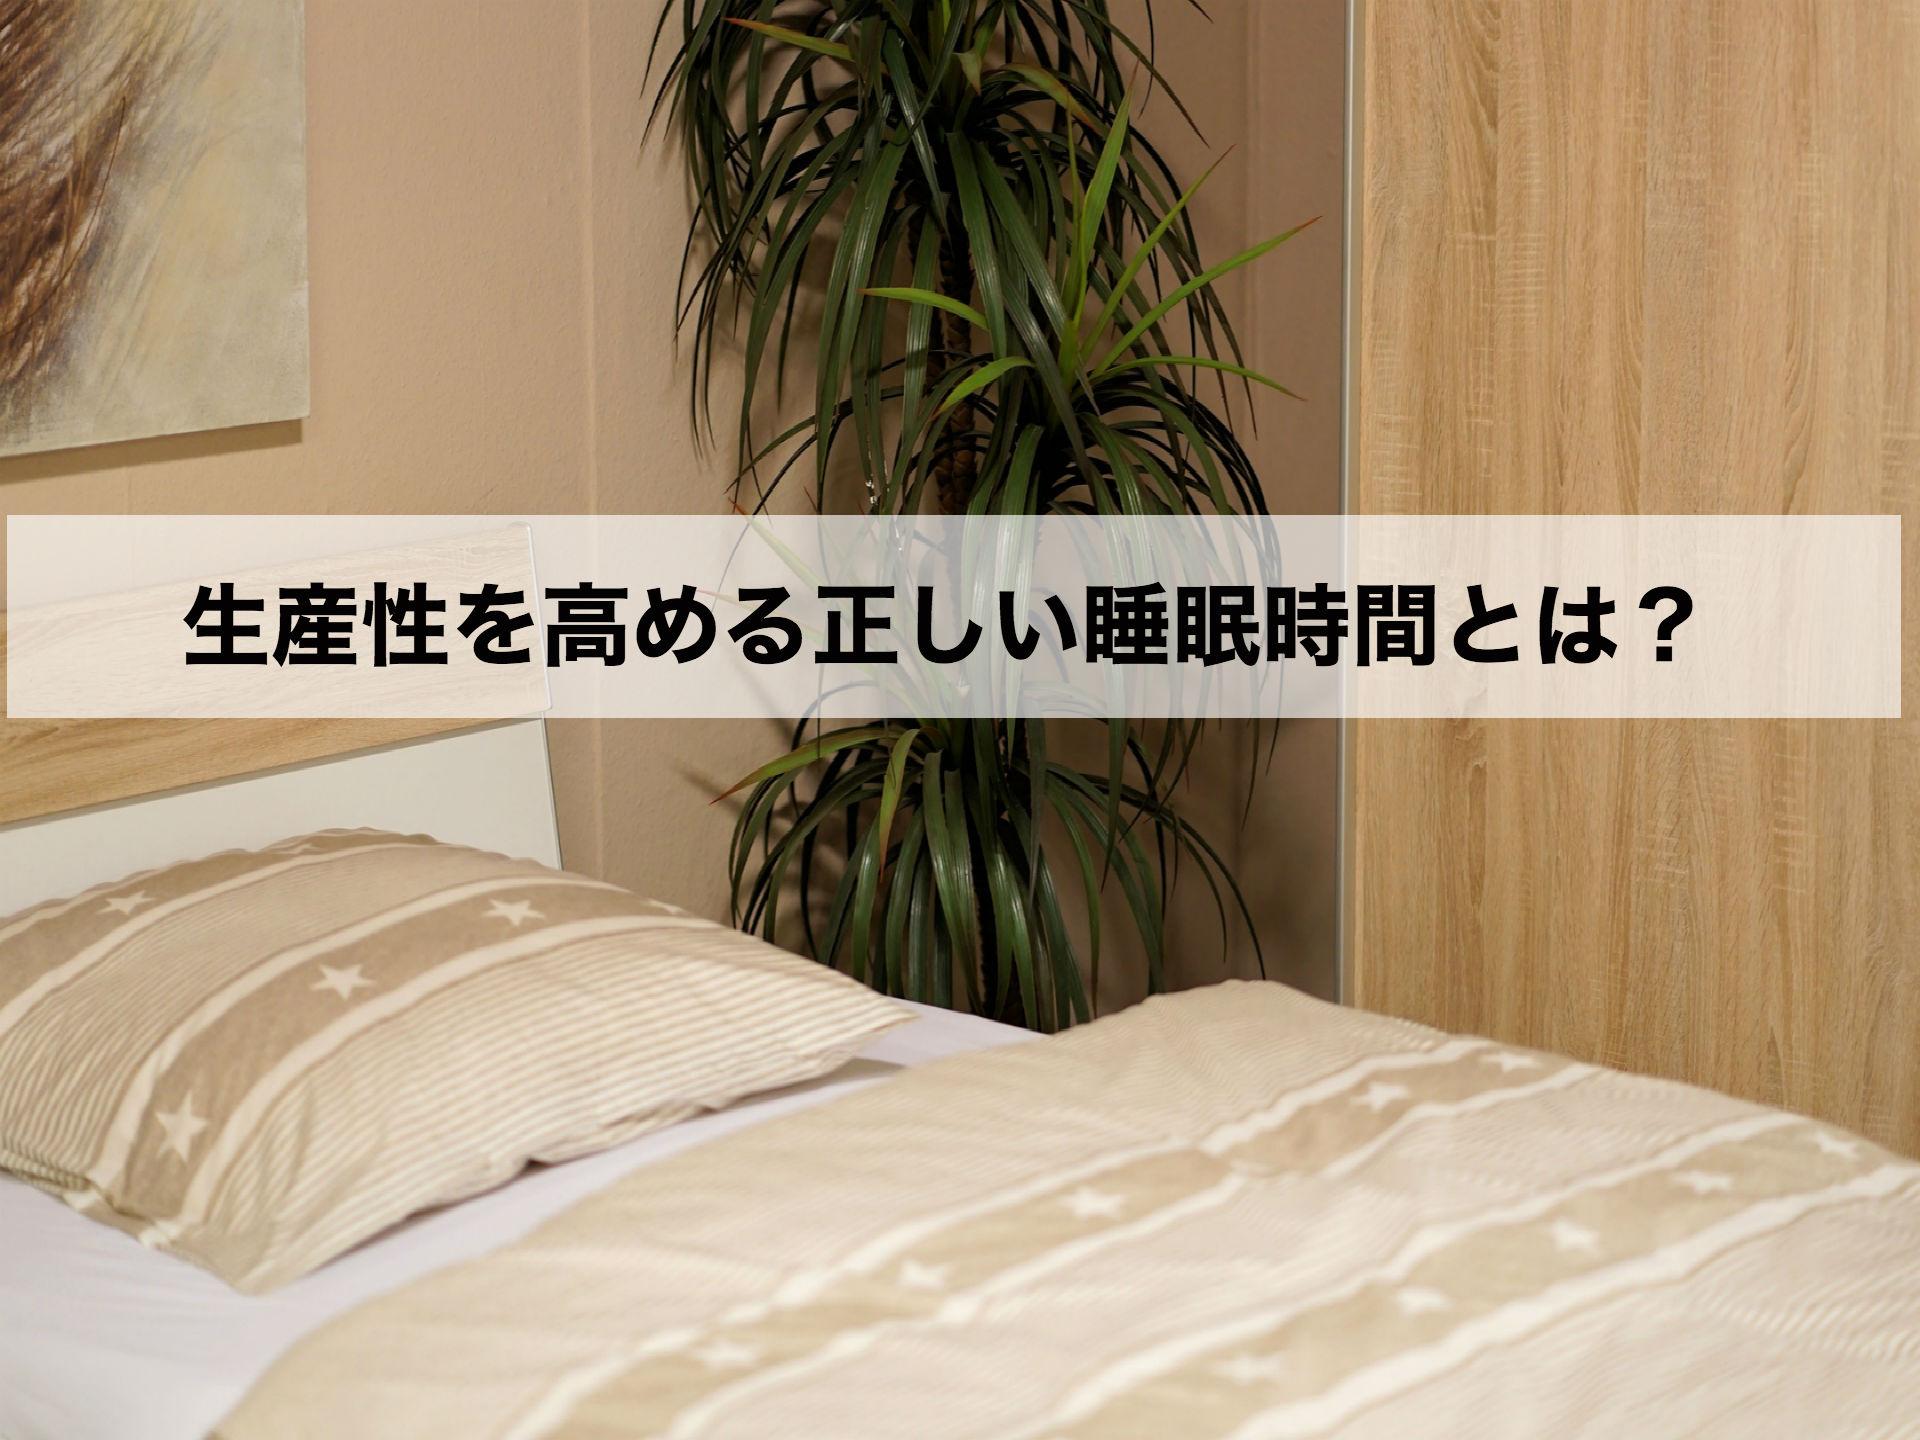 最新の睡眠学が明かす、生産性を高める正しい睡眠時間とは?